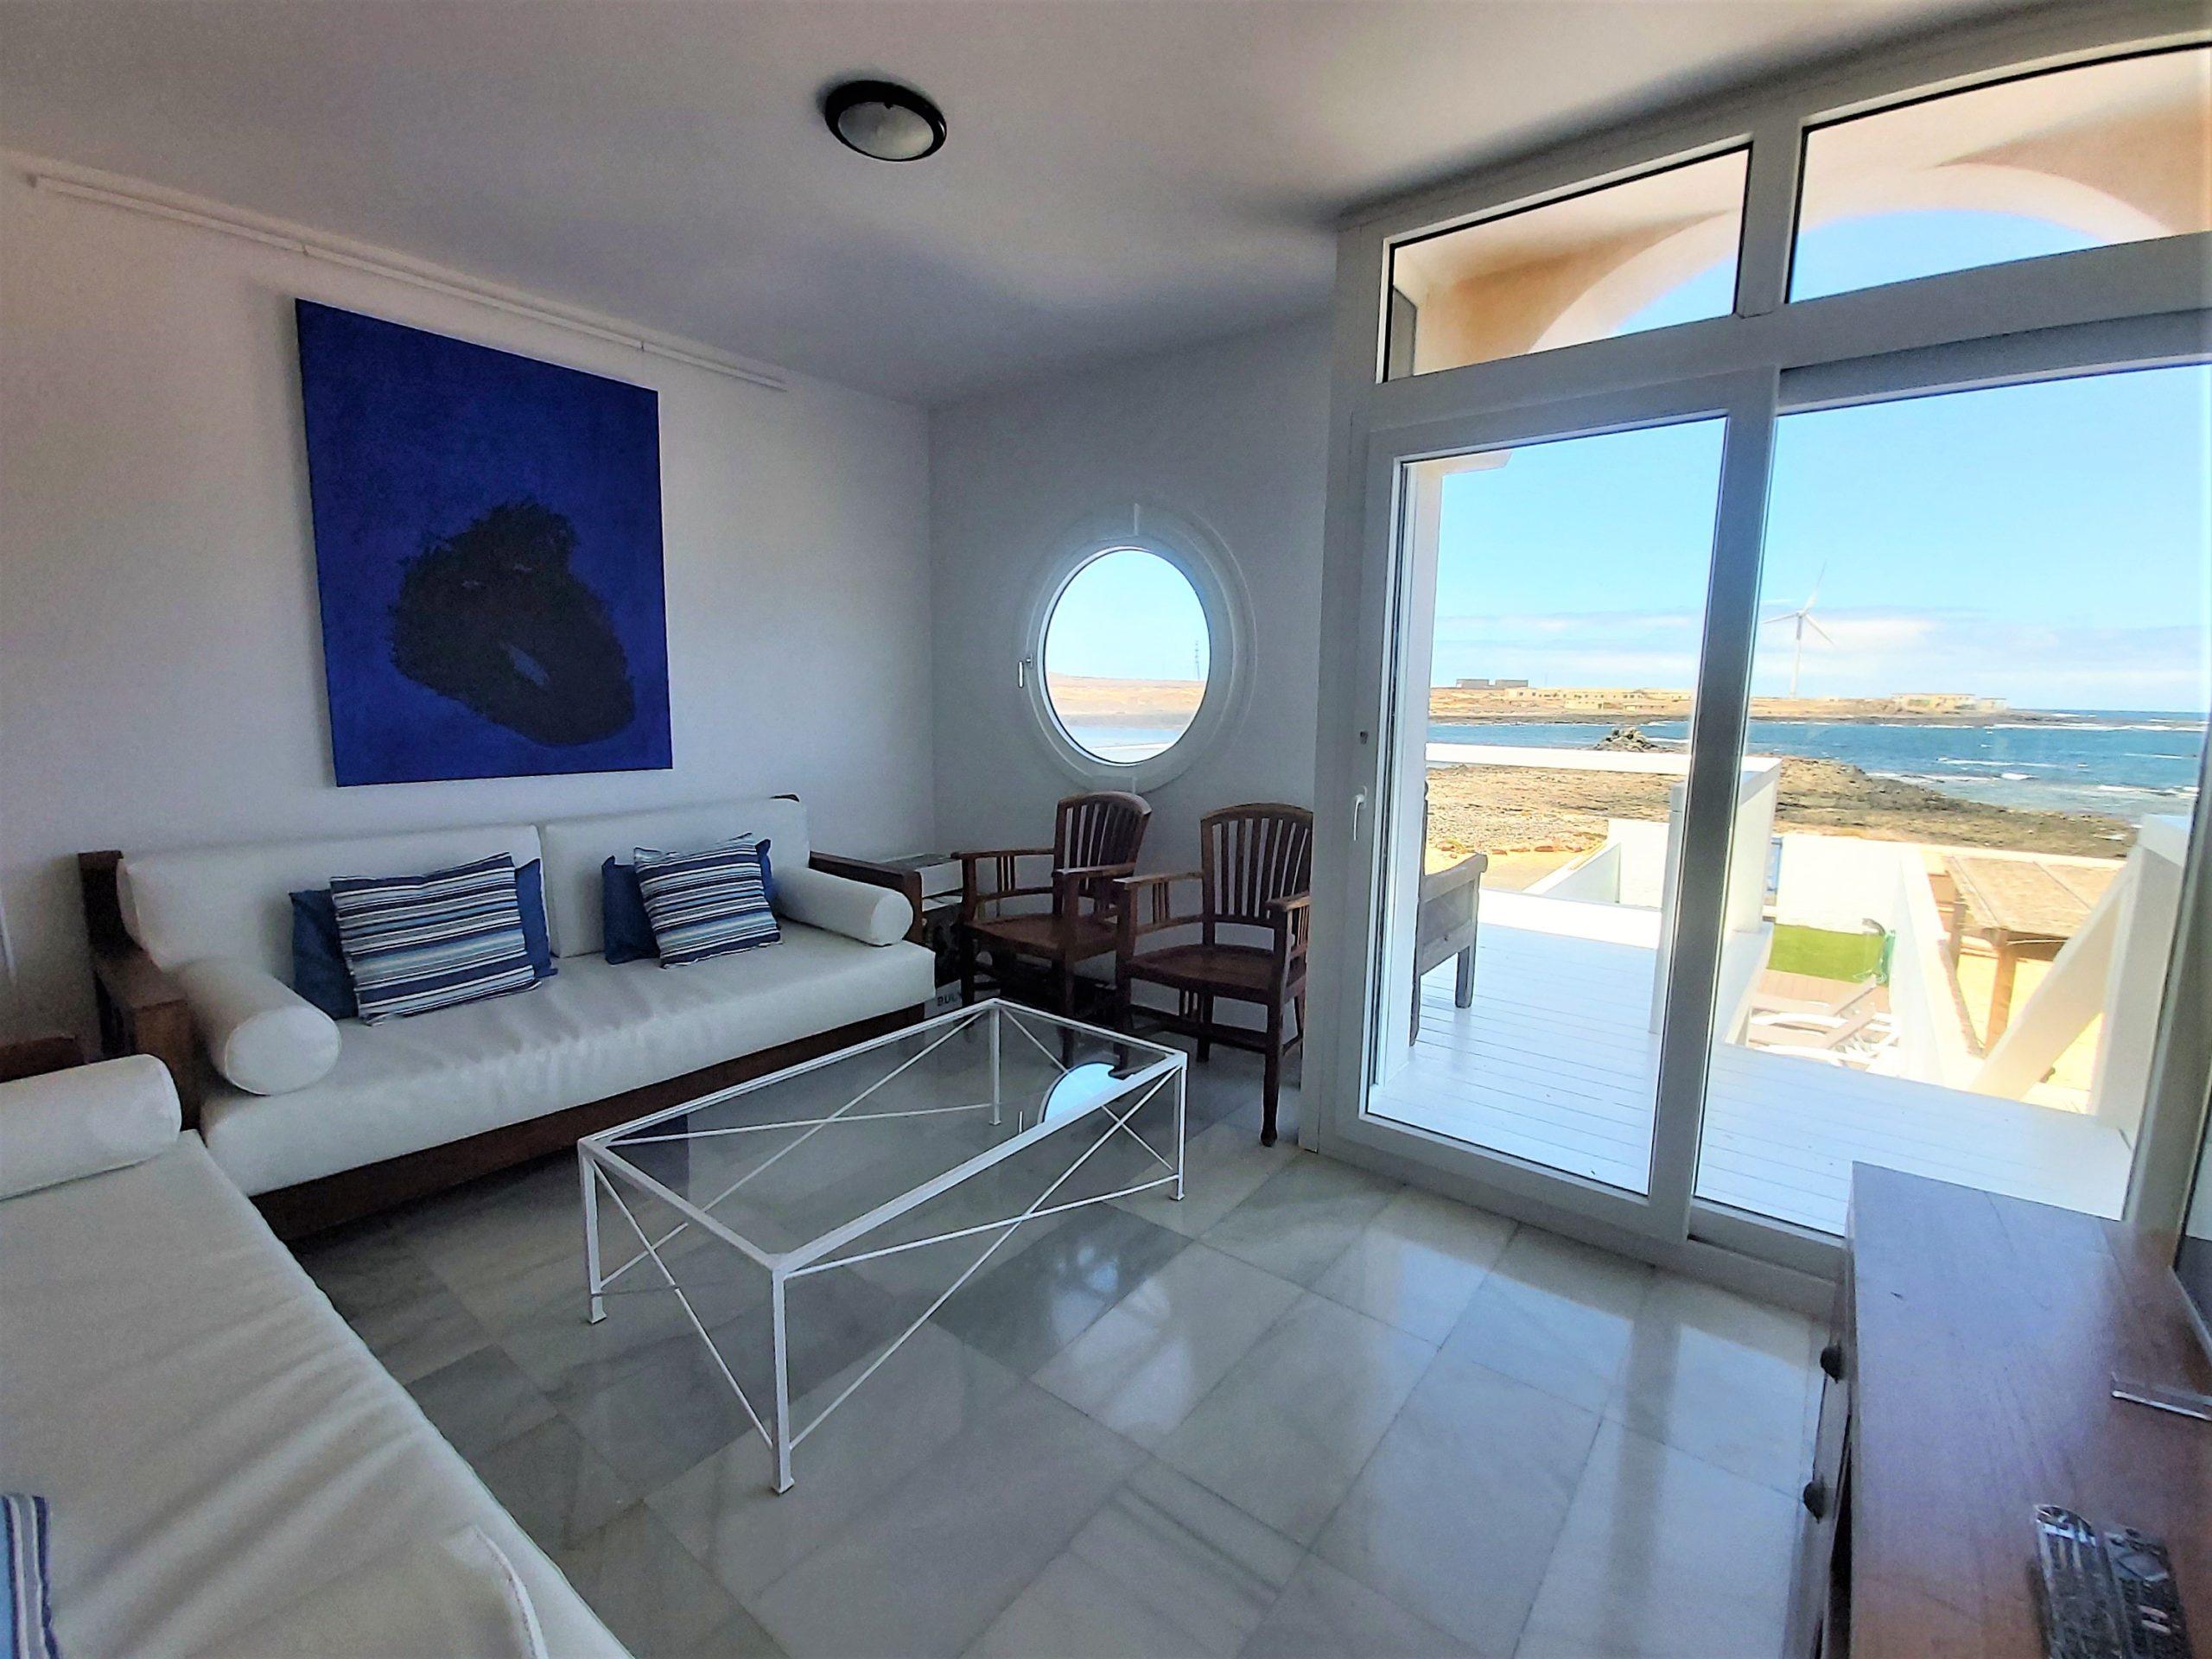 Villas Corralejo Fuerteventura pour 4 à 6 personnes – Ocean Adventure